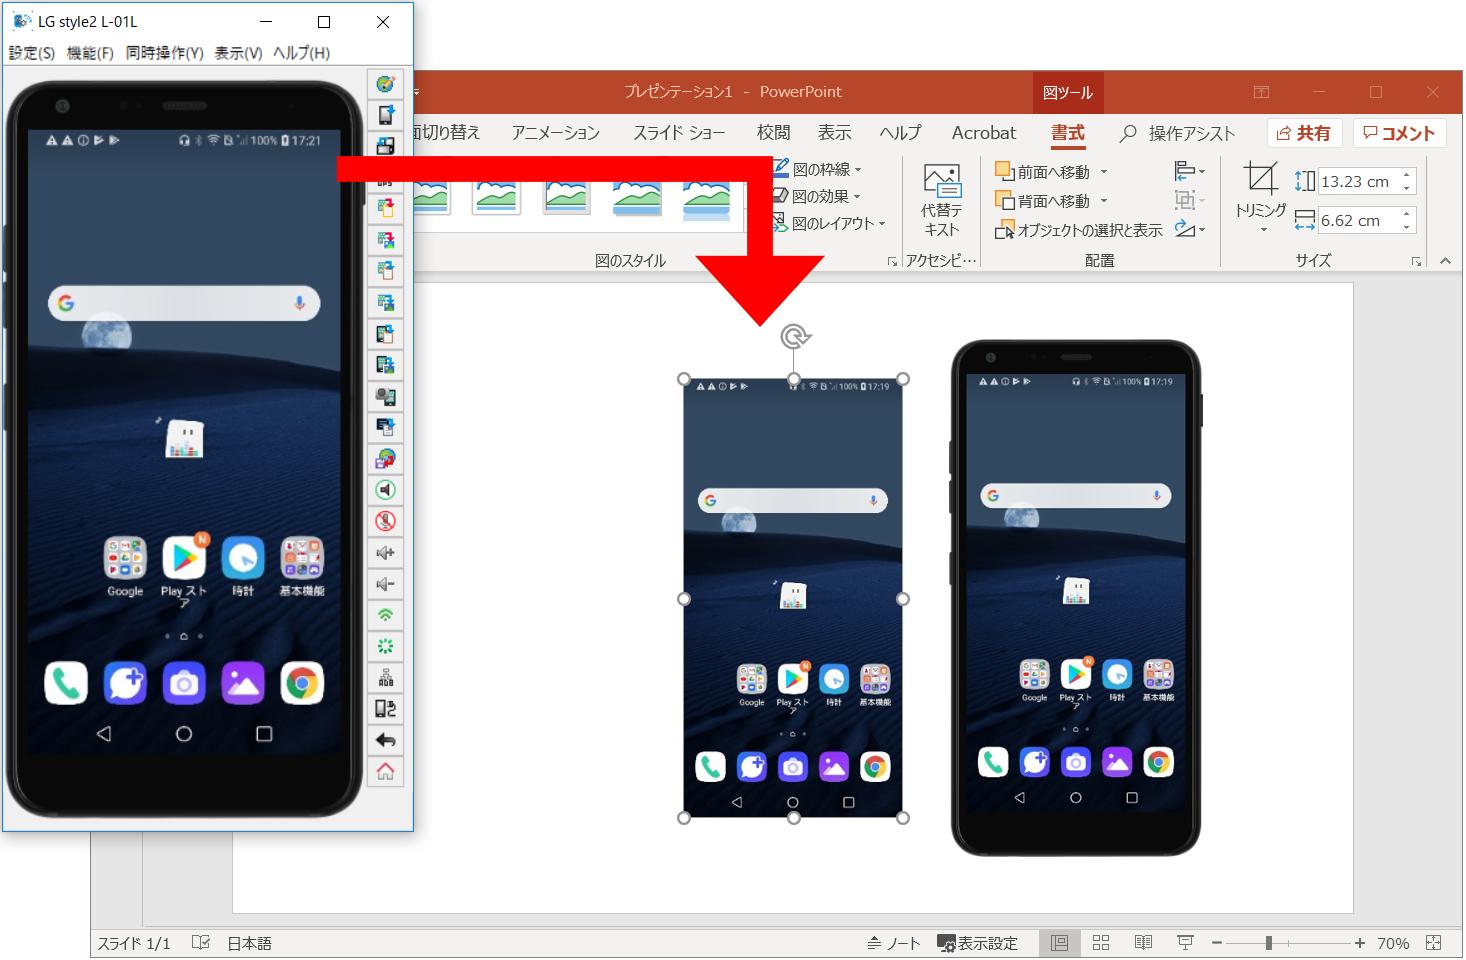 端末全体または画面のキャプチャを貼り付け